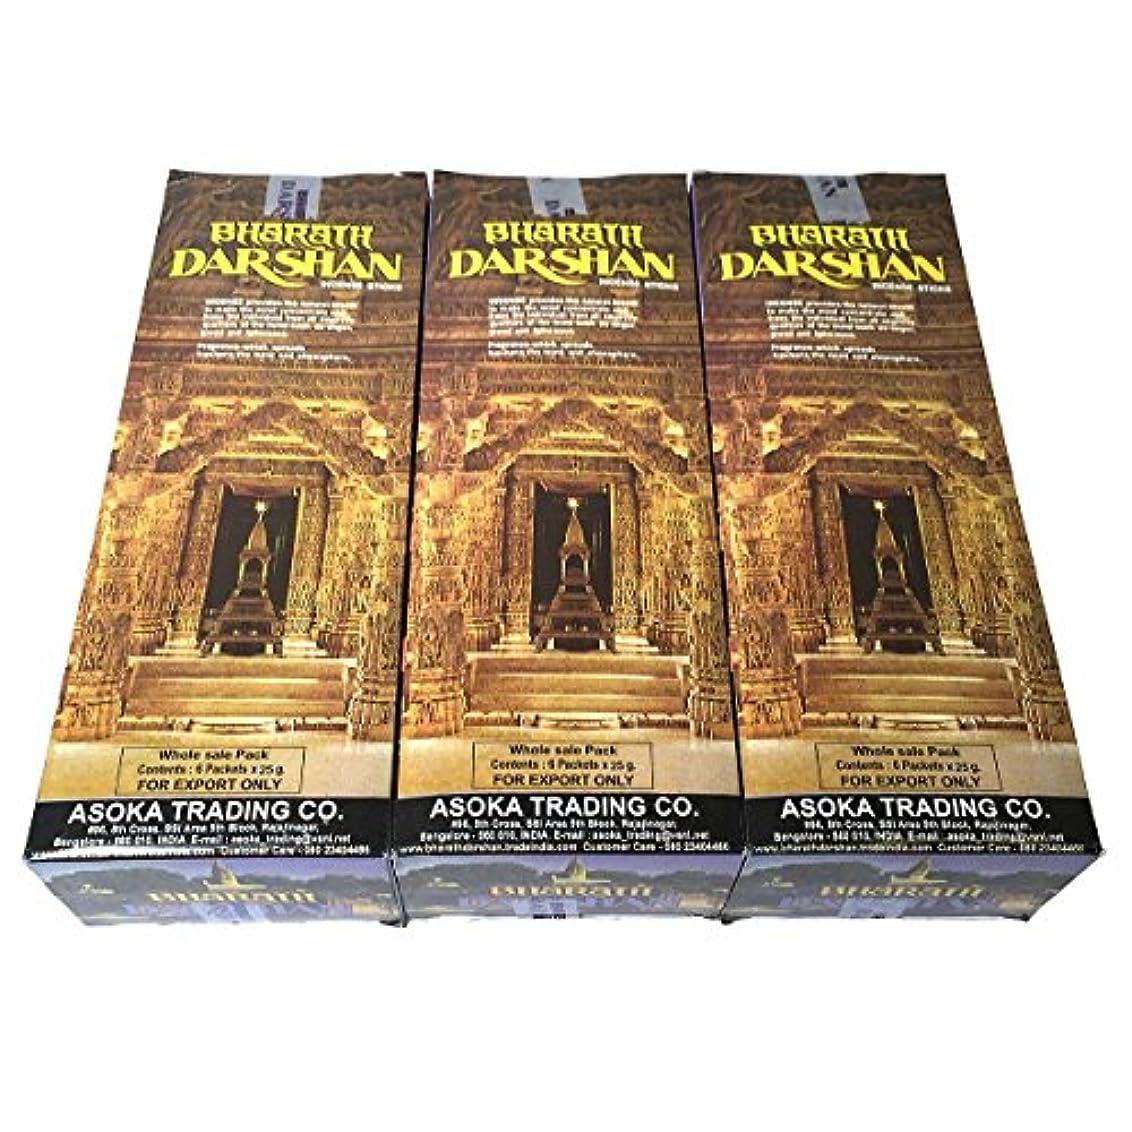 交じるしなやかな姉妹バハラットダルシャン香スティック 3BOX(18箱) /ASOKA TRADING BHARATH DARSHAN/インセンス/インド香 お香 [並行輸入品]